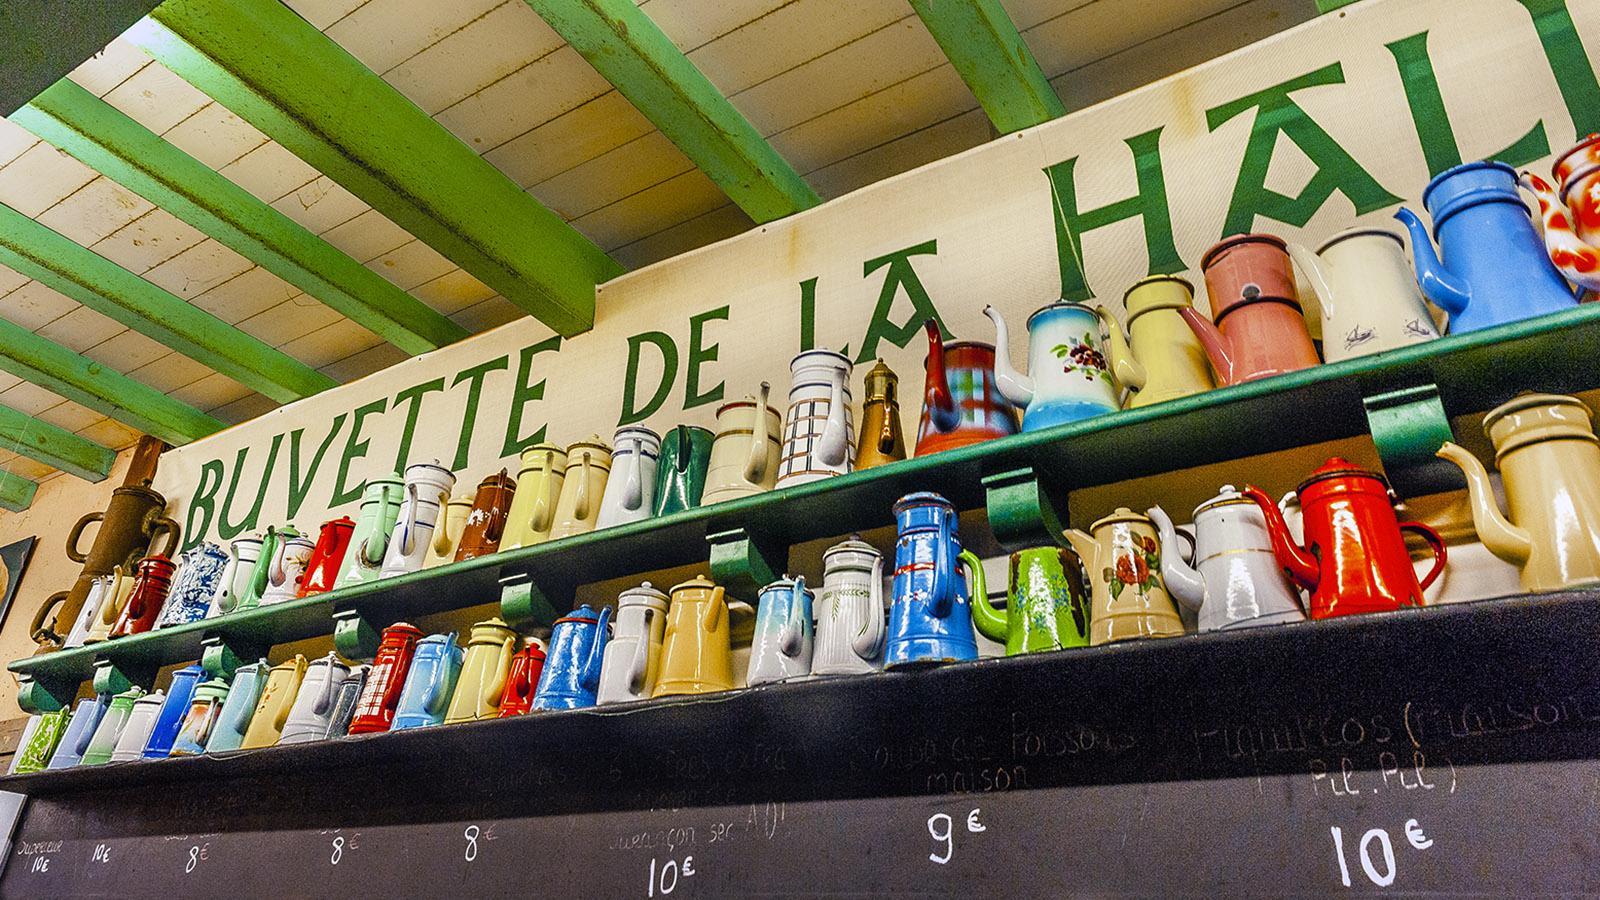 Saint-Jean-de-Luz: die Kännchensammlung der Buvette in der Markthalle. Foto: Hilke Maunder